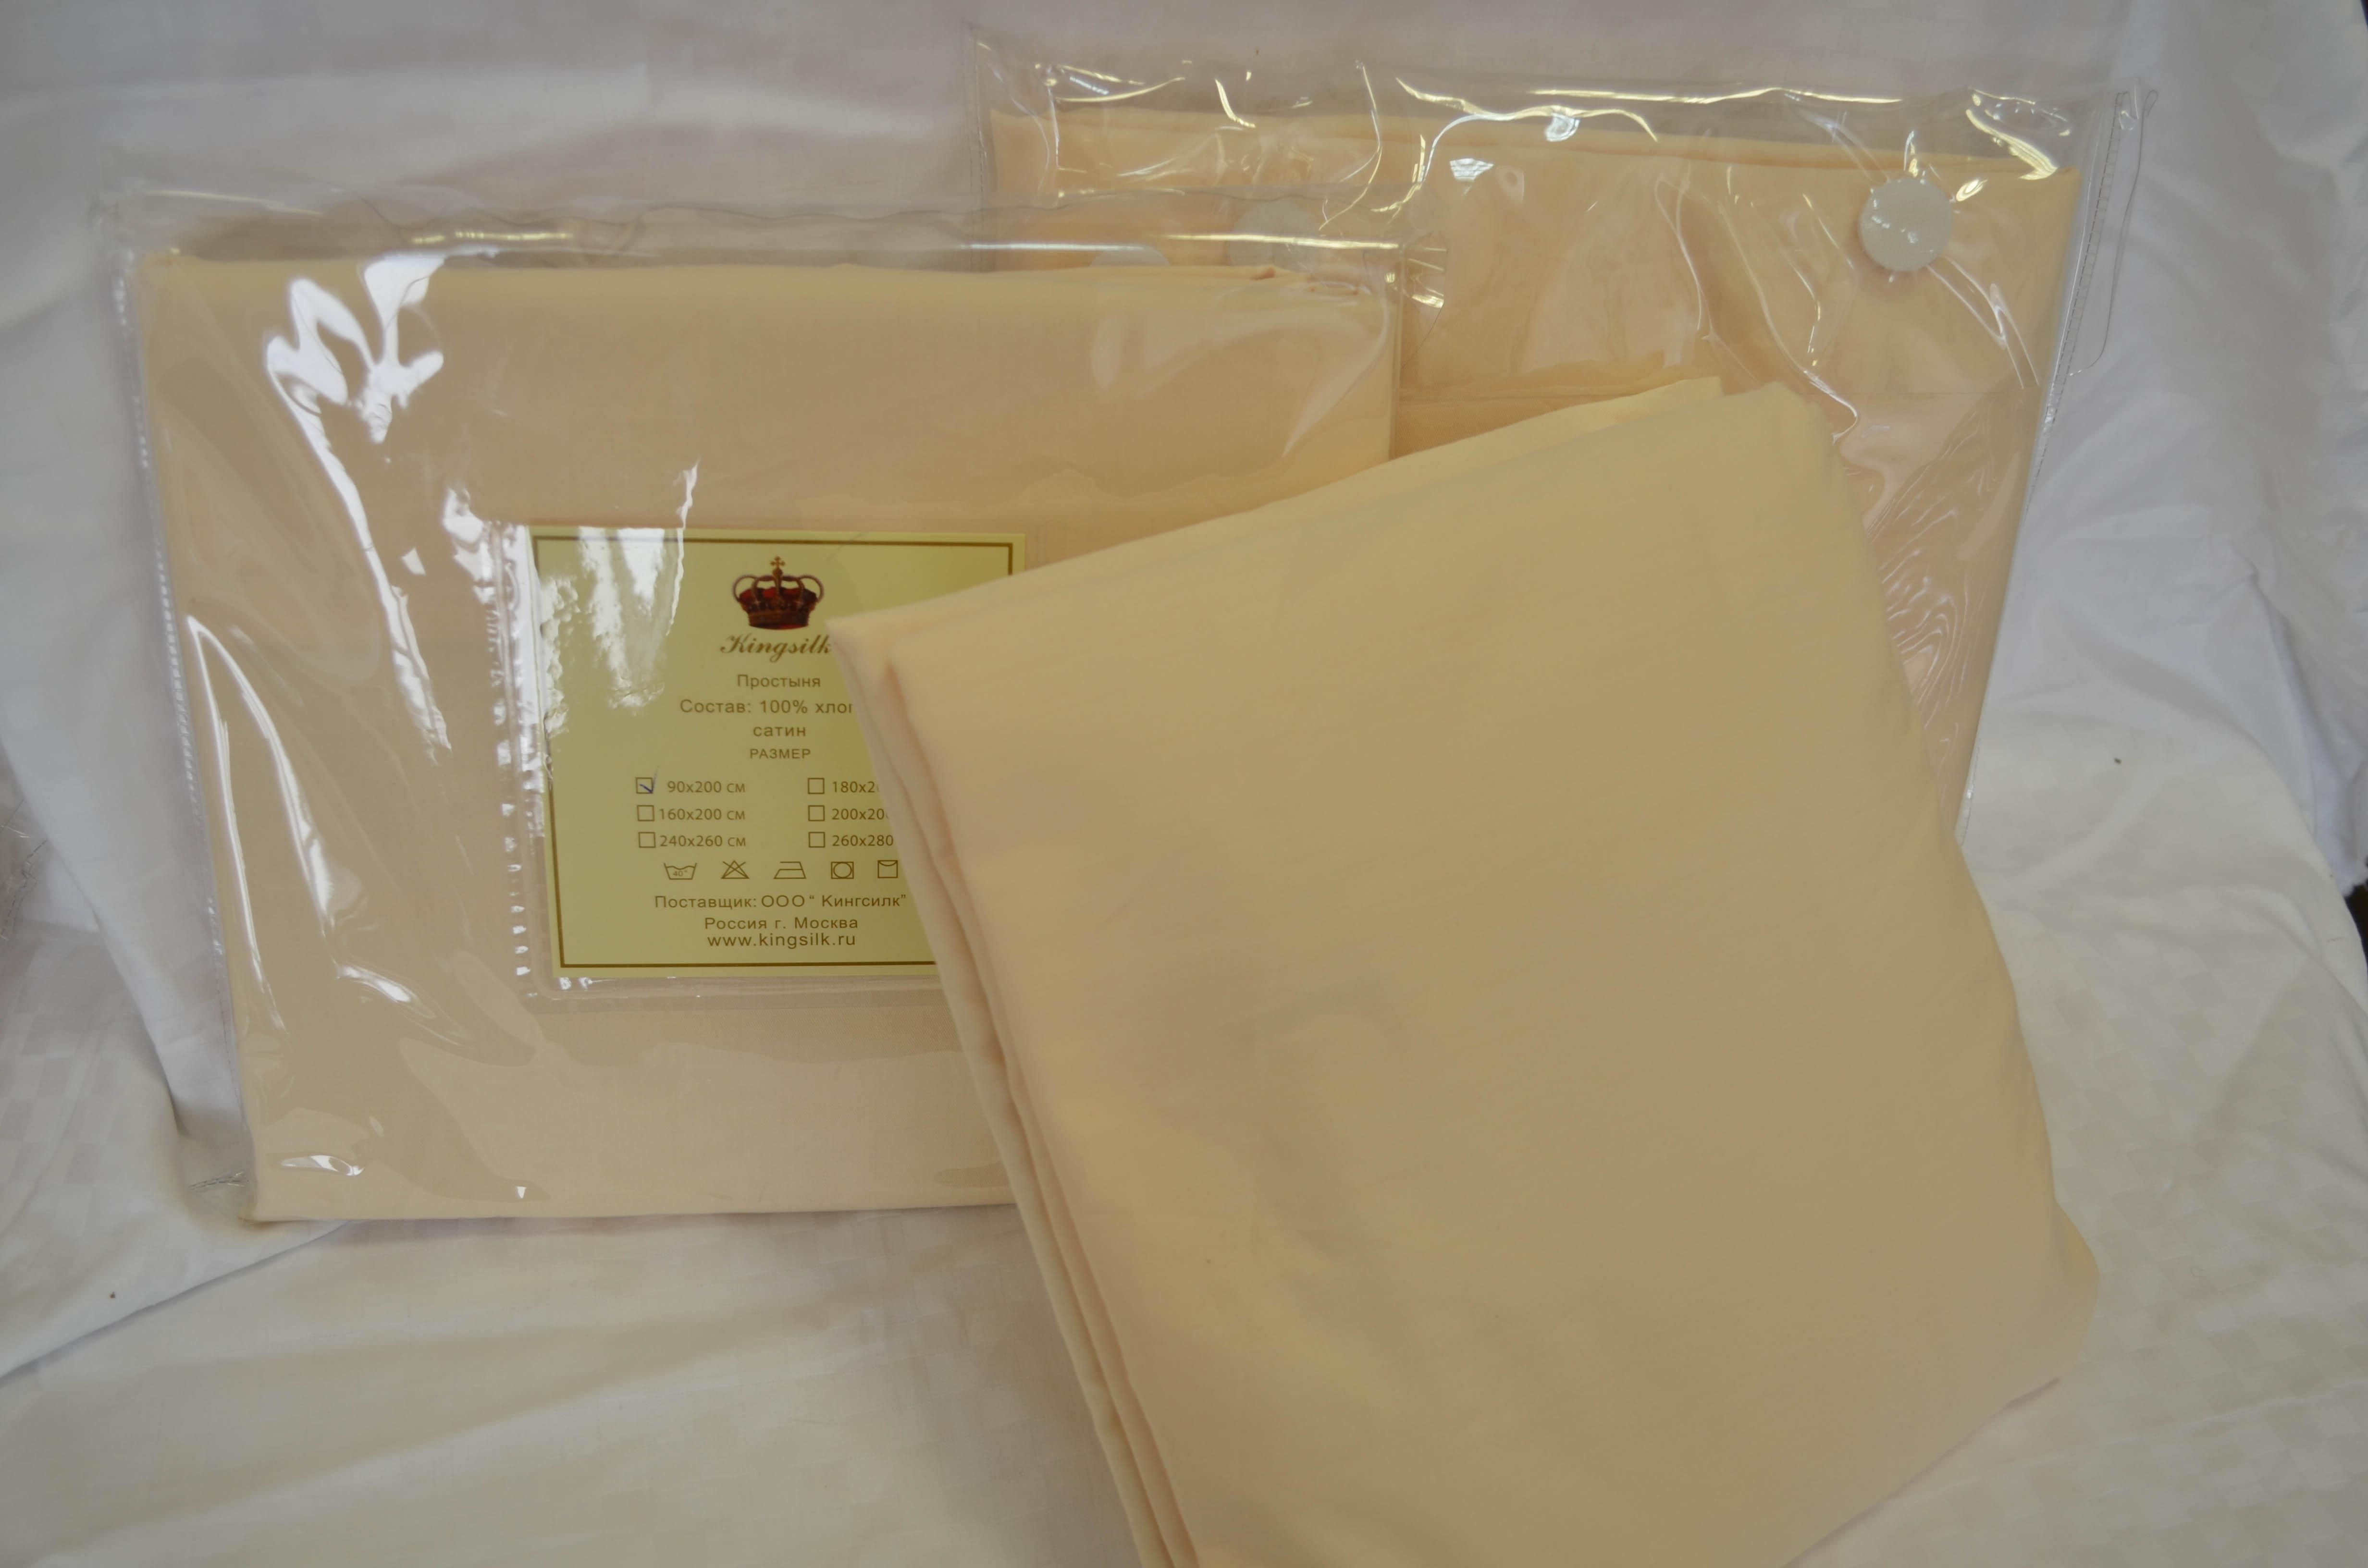 Простыня без резинки KingSilkПростыня<br>Производитель: KingSilk<br>Страна производства: Китай<br>Материал: Хлопковый сатин<br>Состав: 100% хлопок<br>Размер простыни: 260х280 см<br>Упаковка: Полиэтиленовый пакет<br><br>Тип: простыня без резинки<br>Размерность комплекта: без резинки<br>Материал: Хлопковый сатин<br>Размер наволочки: None<br>Подарочная упаковка: без резинки<br>Для детей: нет без резинки<br>Ткань: Хлопковый сатин<br>Цвет: Кремовый